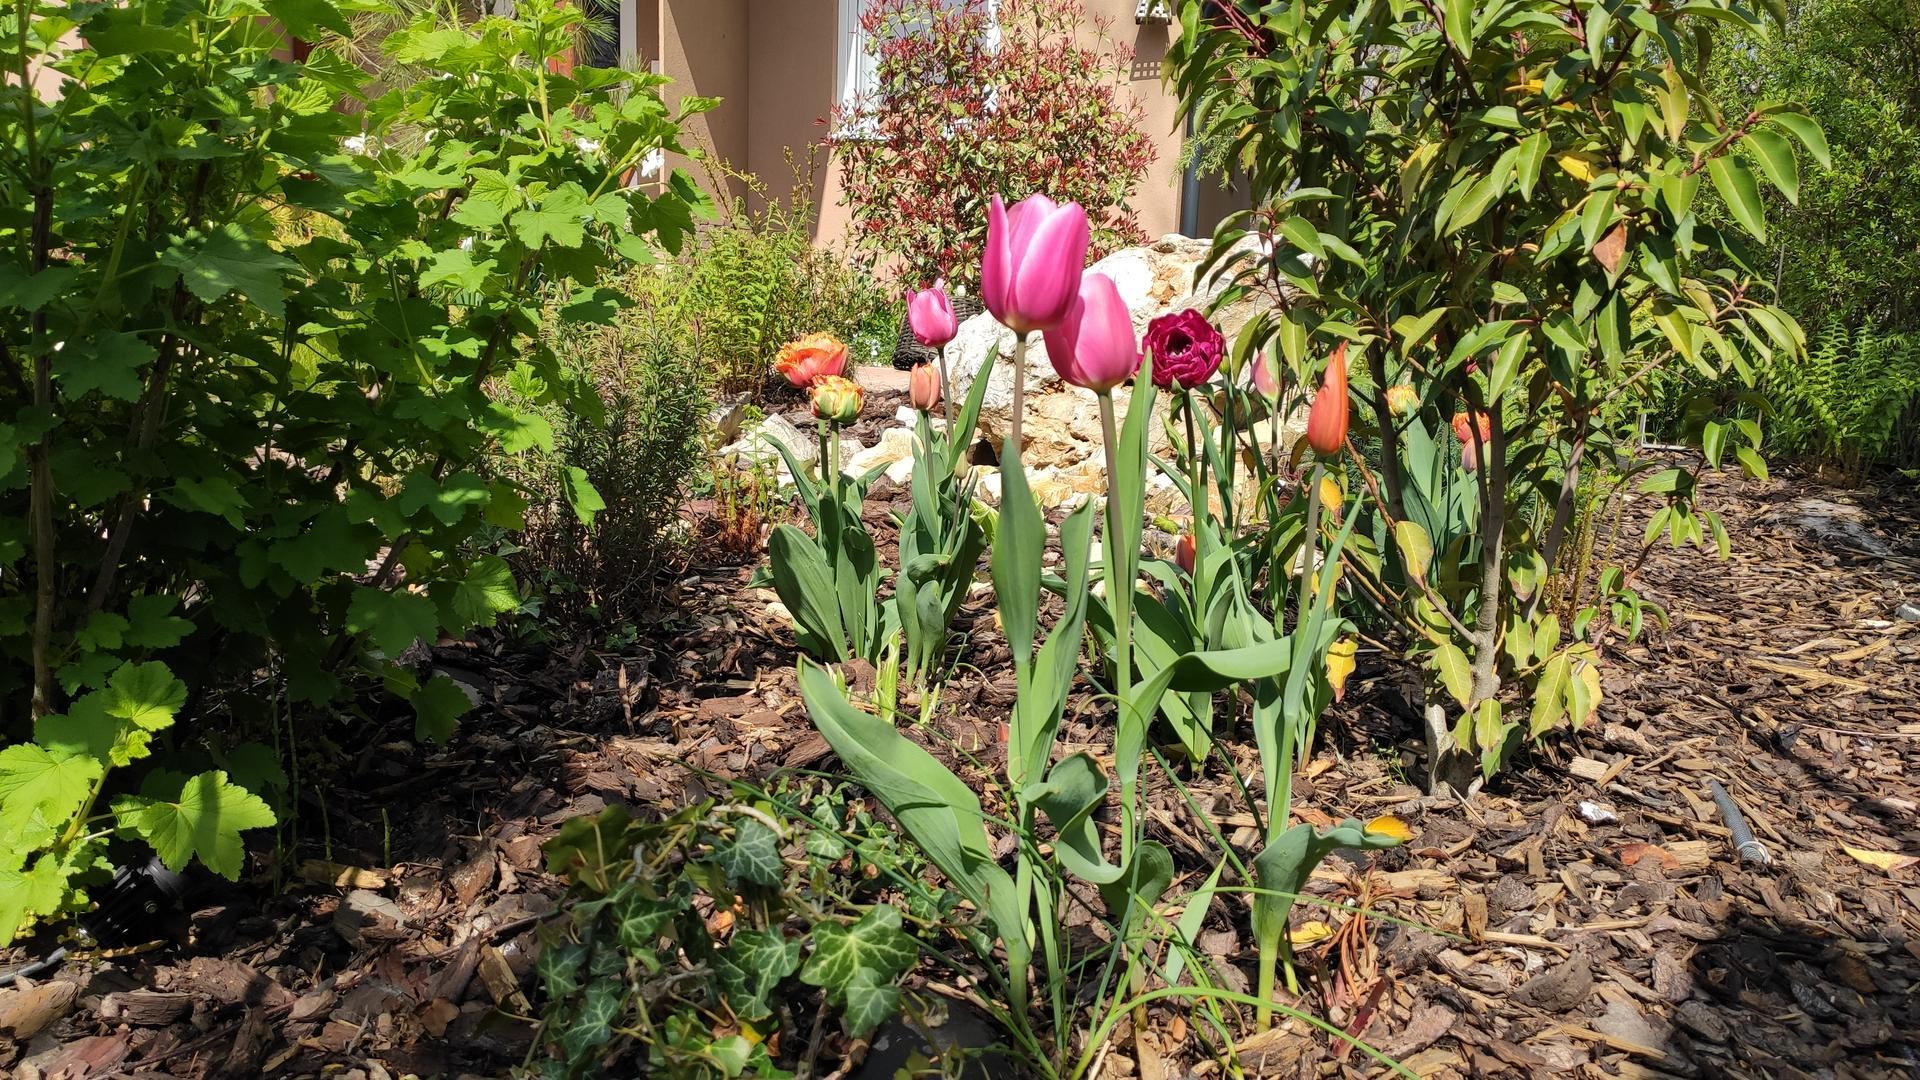 záhrada vidiecka, farebná rok 2021 - Obrázok č. 24